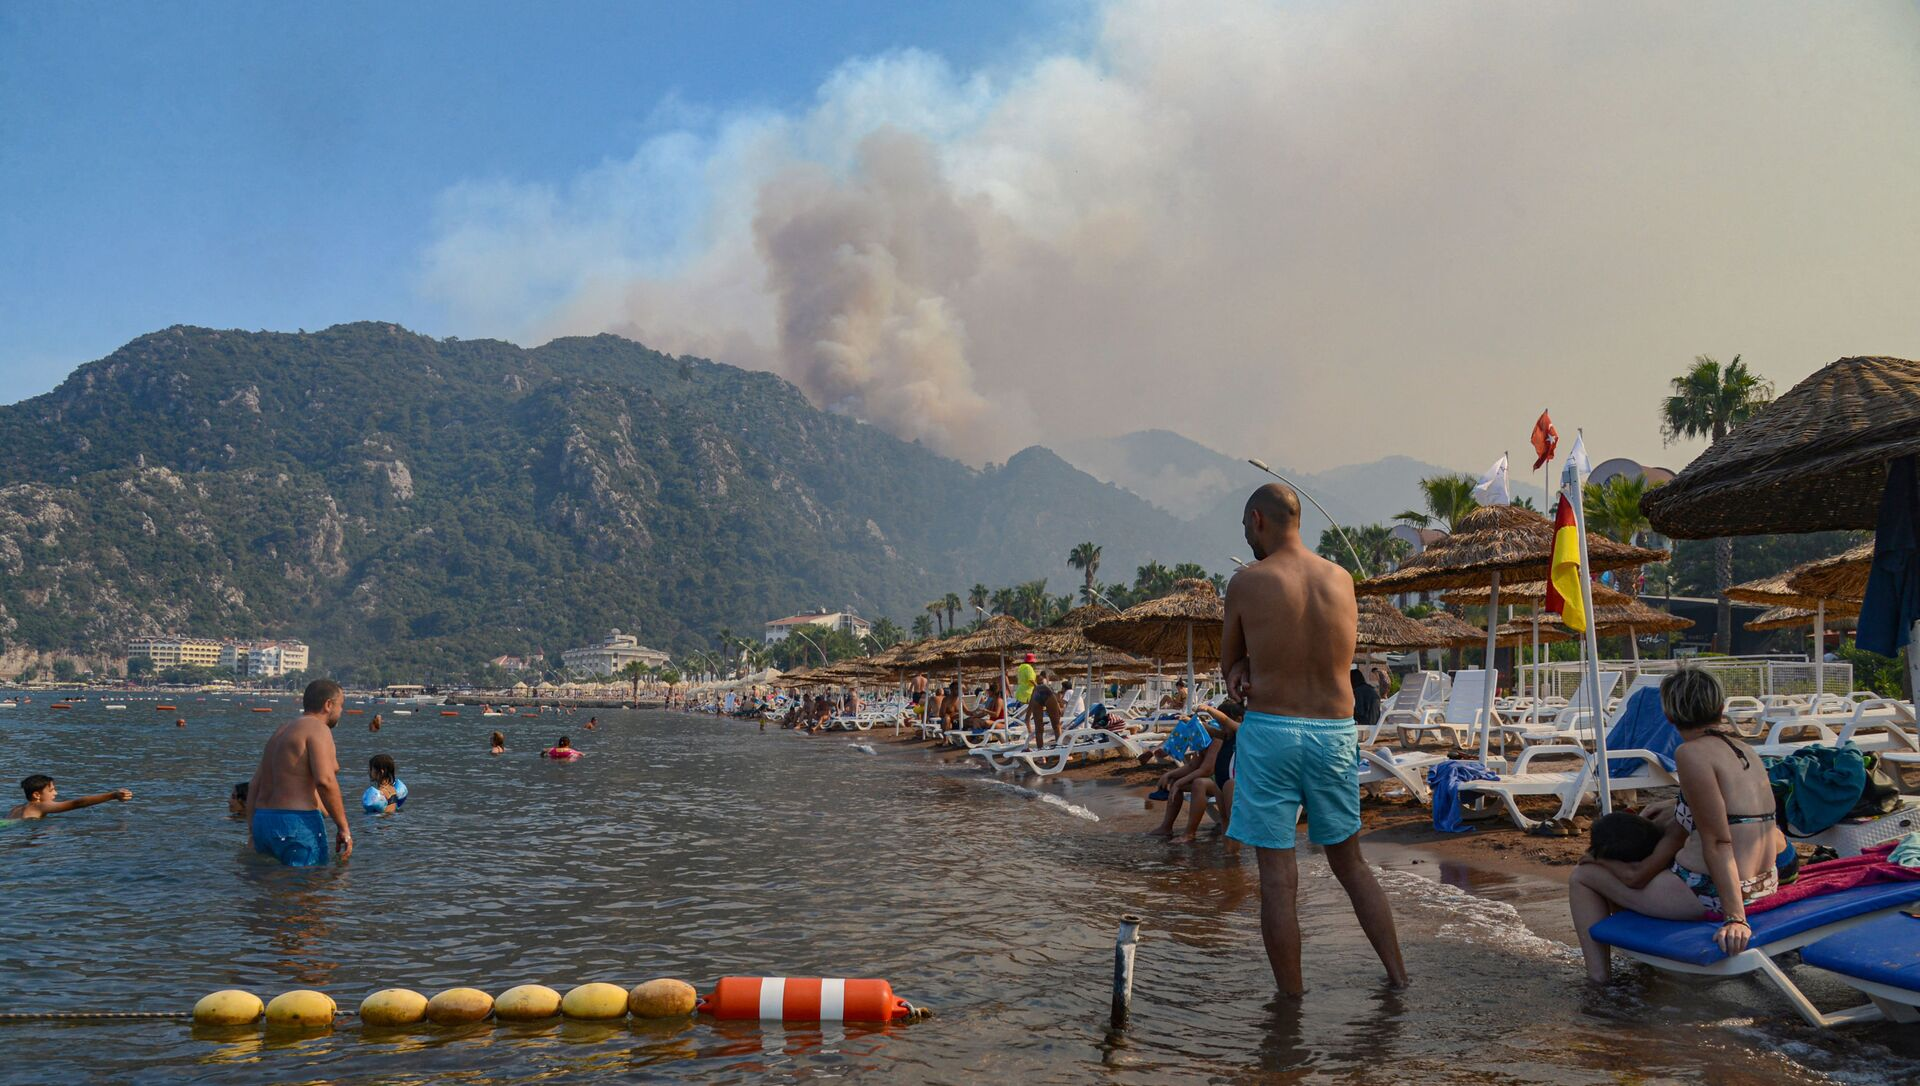 С пляжа туристы наблюдают за мощным лесным пожаром, охватившим курортный регион Средиземноморья, на южном побережье Турции, недалеко от Мармариса, 30 июля 2021 года. пожарные тушили пожар, охвативший курортный регион Средиземноморья на южном побережье Турции. Официальные лица также начали расследование подозрений в том, что пожары, возникшие в среду в четырех местах к востоку от туристической точки Анталии, были результатом поджога. - Sputnik Абхазия, 1920, 31.07.2021